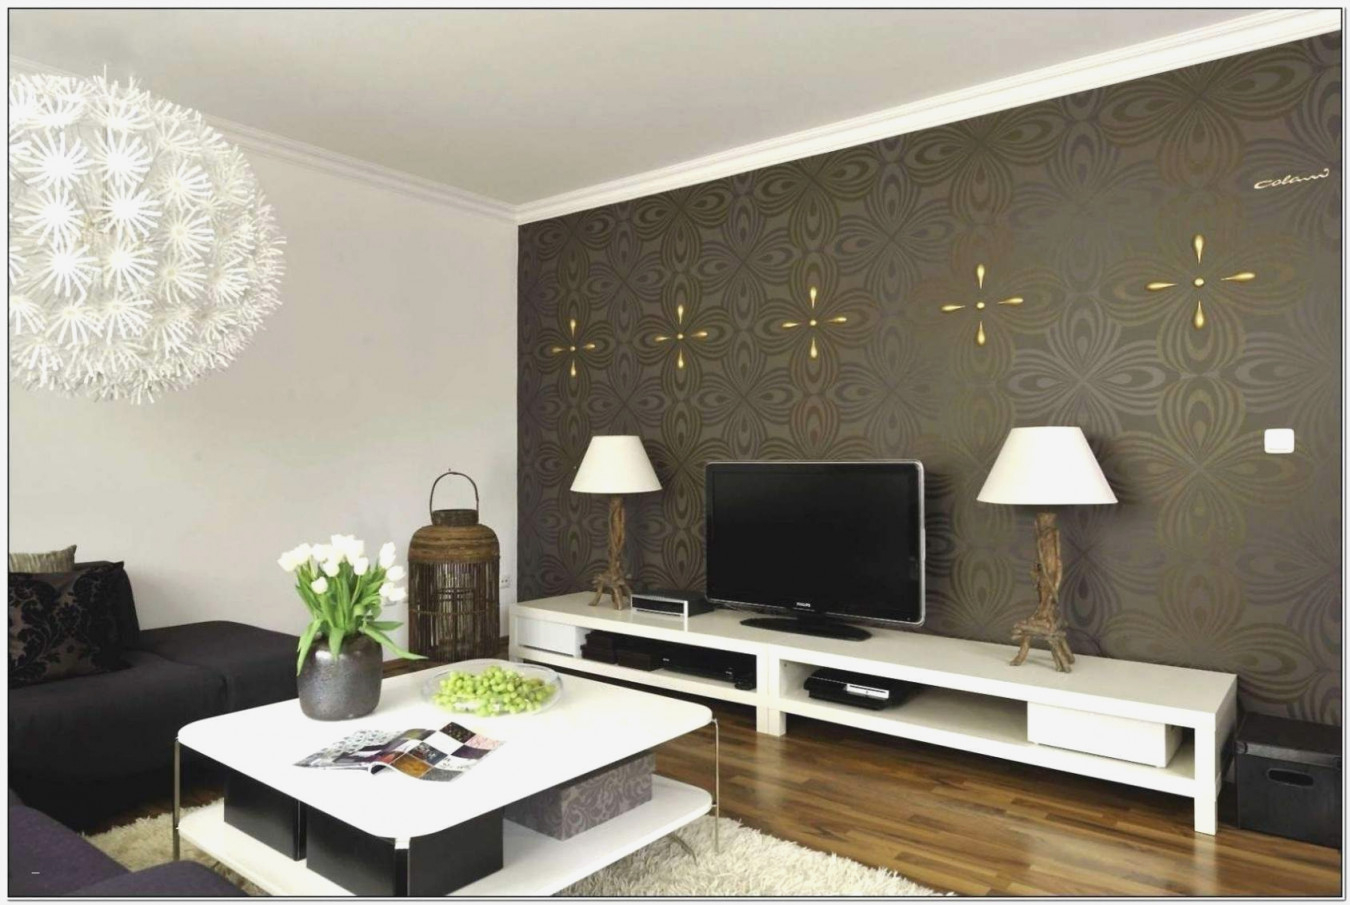 Elegante Wohnzimmer Tapeten Ideen – Caseconrad von Tapeten Ideen Wohnzimmer Bild